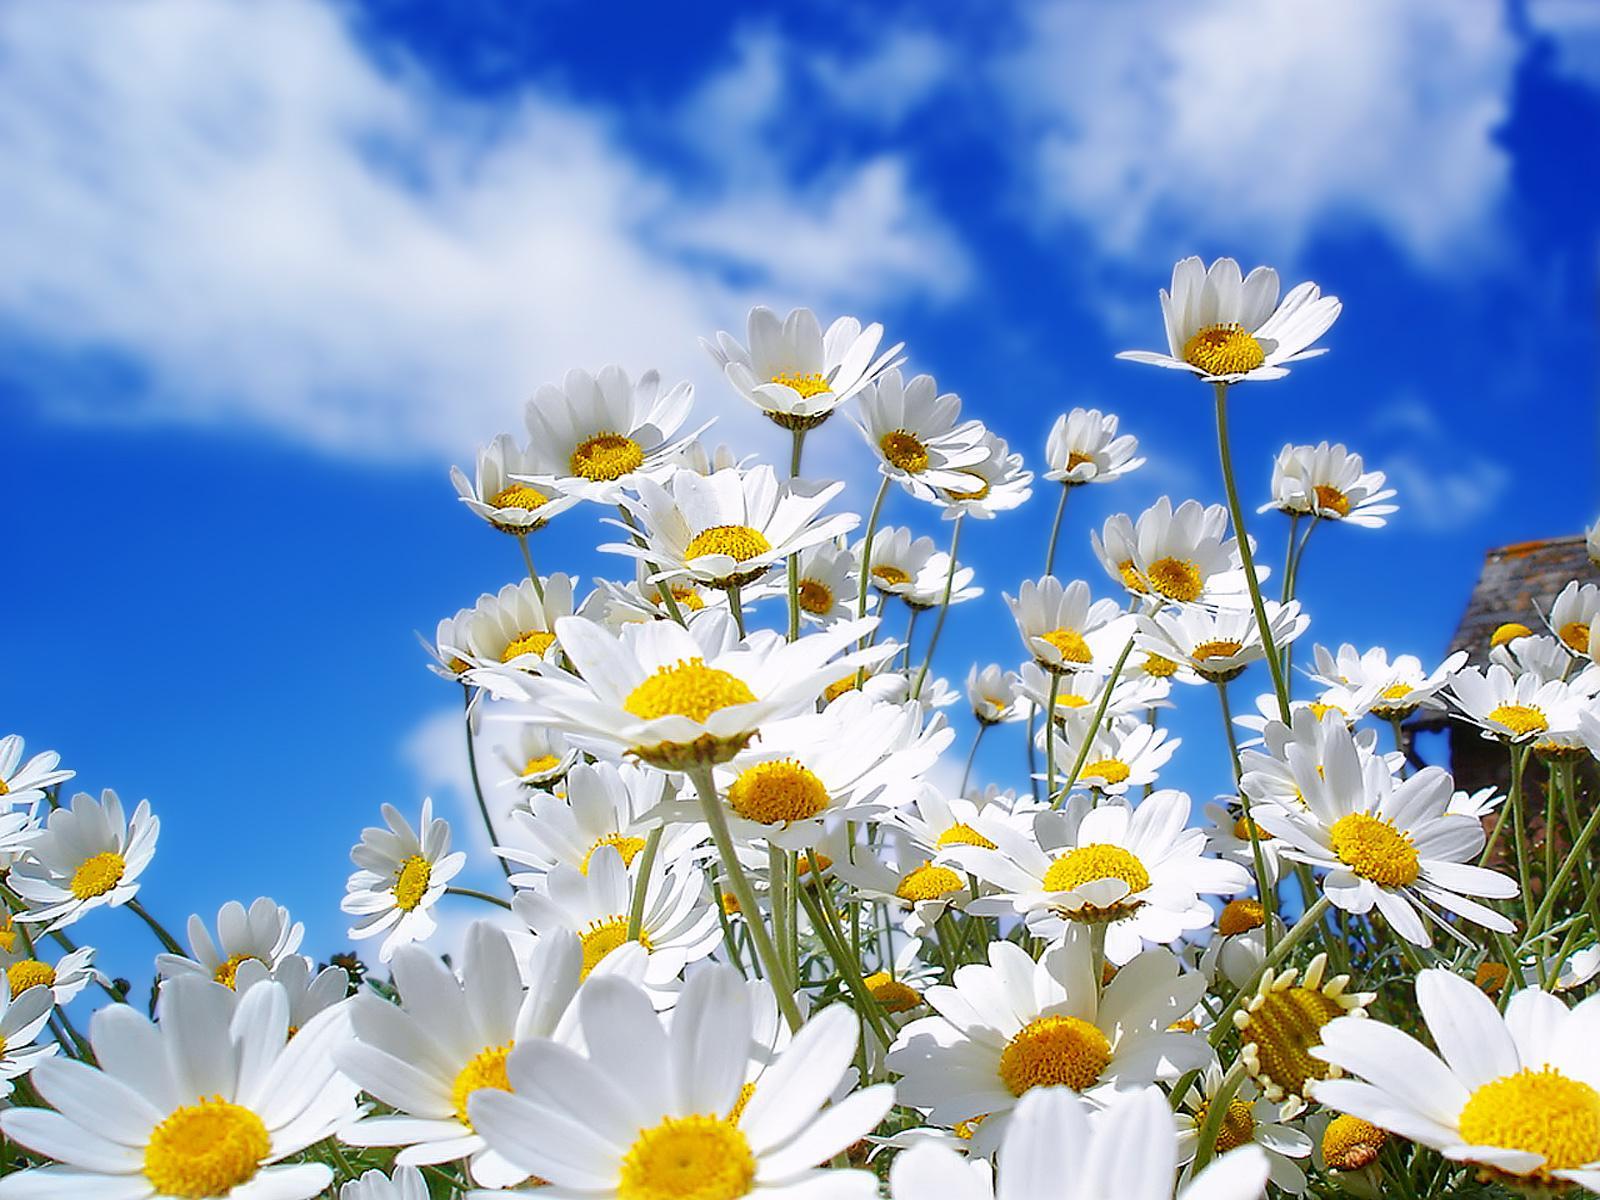 http://1.bp.blogspot.com/-DfTRm-oH9Sk/TiV0NN2hmiI/AAAAAAAAKPI/s5K1wev_HMY/s1600/spring%2Bflowers%2Bwallpapers-1.jpg